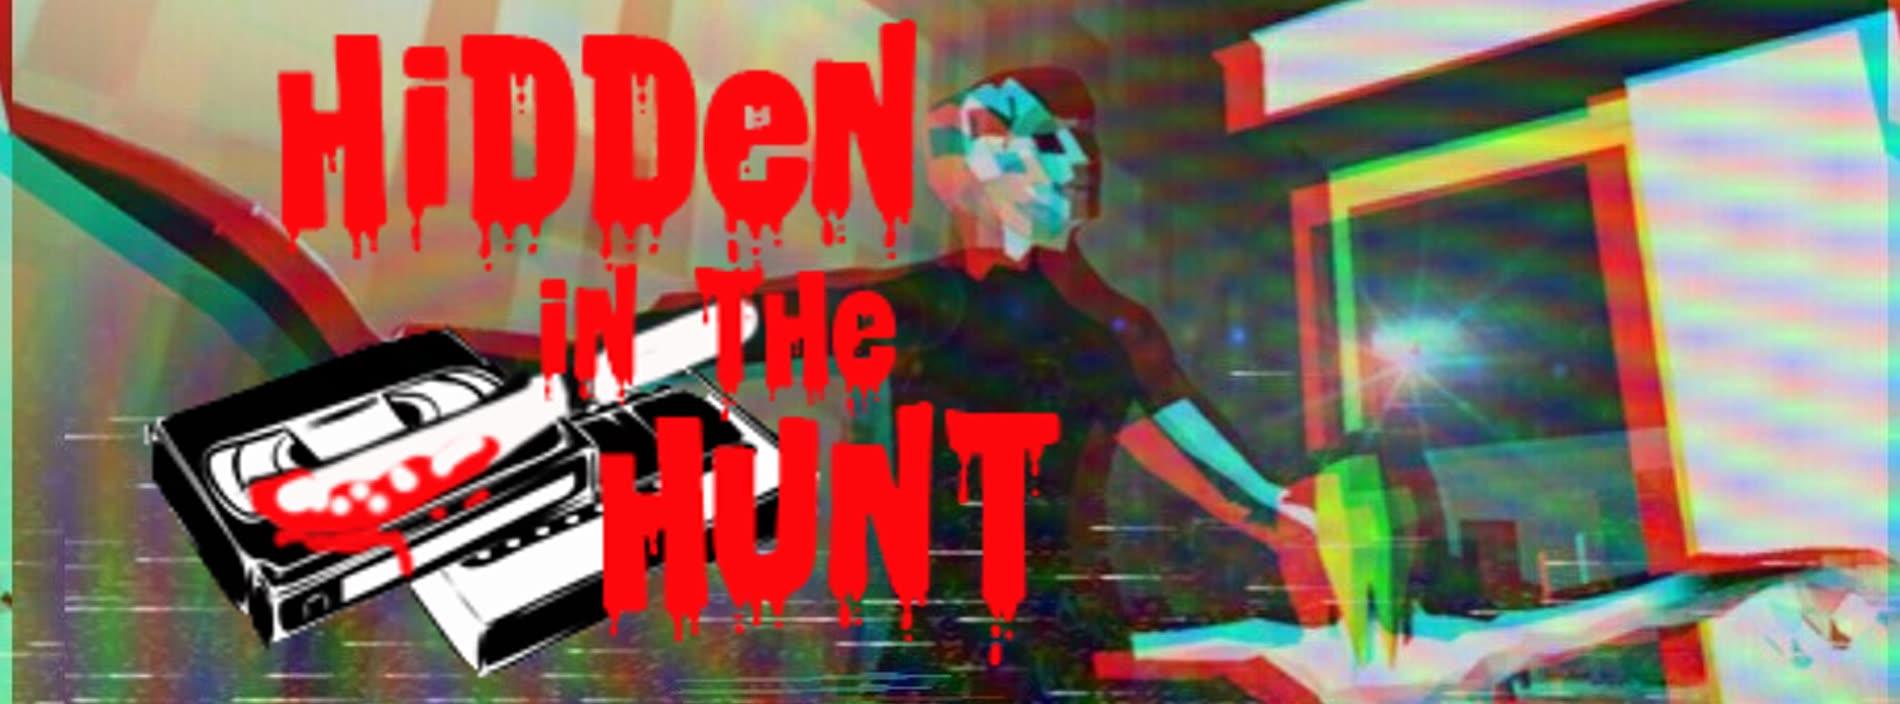 Hidden in the hunt